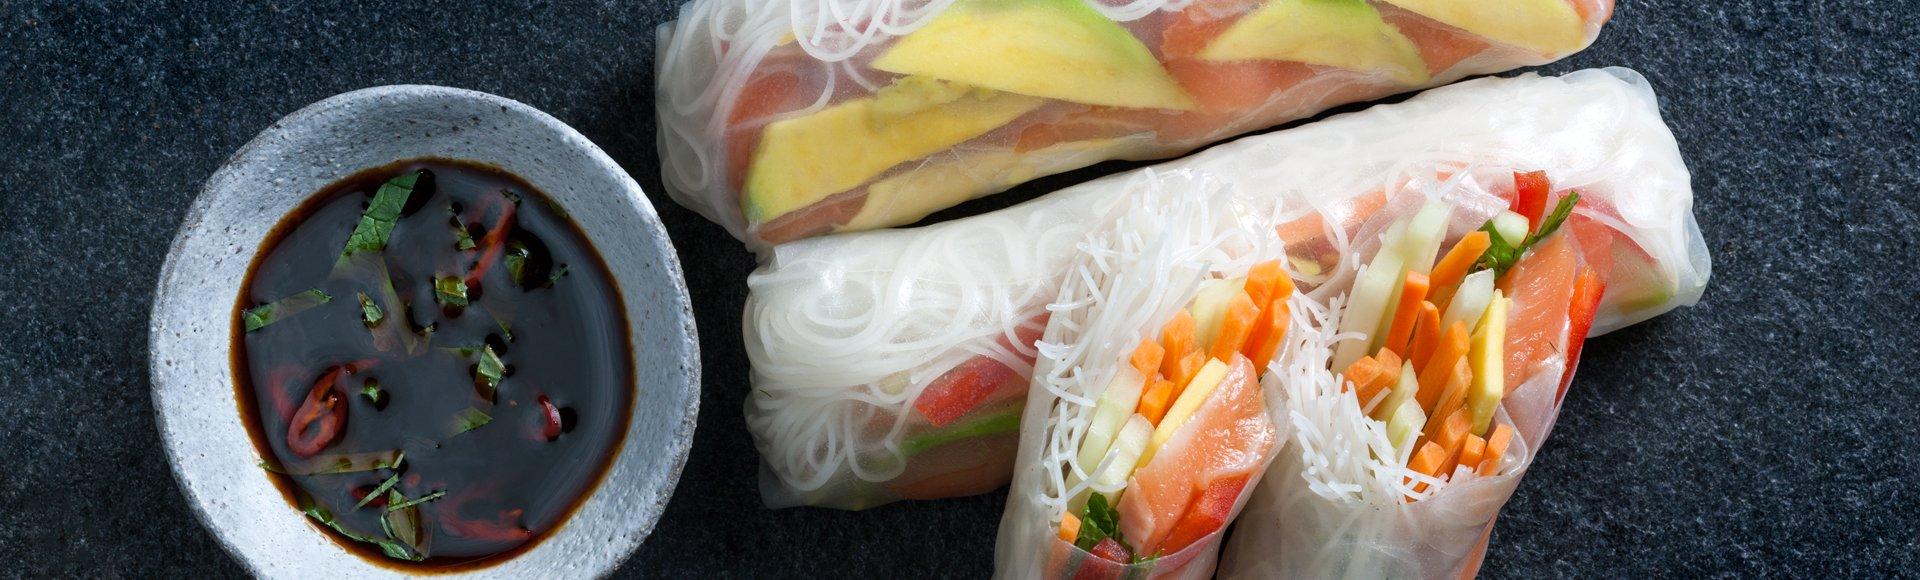 Καλοκαιρινά ρολά (summer rolls) με σολομό, λαχανικά, σόγια και λάιμ